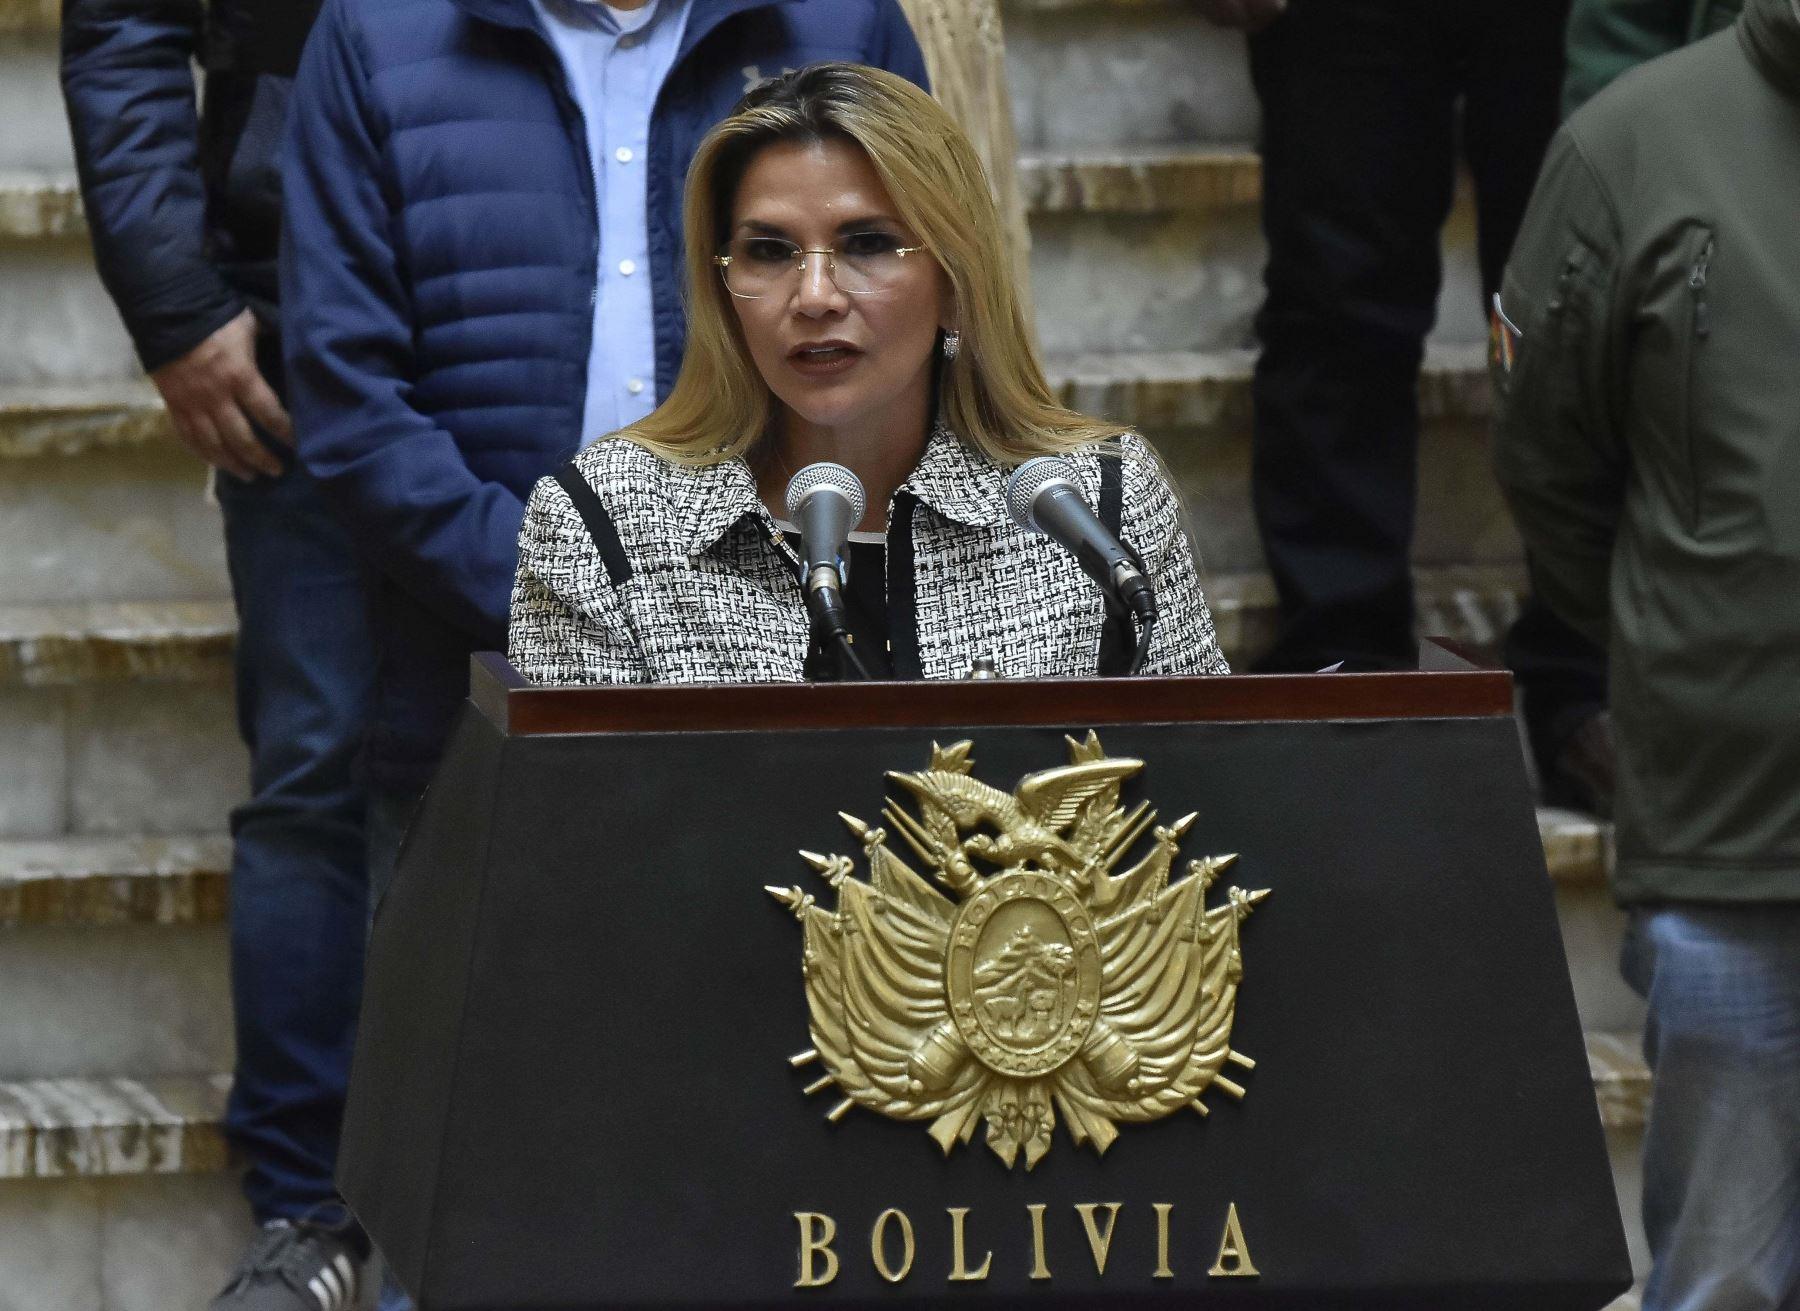 se ha dispuesto el uso de 500 tobilleras eléctricas que cuentan con un chip, para rastrear a los posibles contagiados de covid-19, en la imagen, la presidenta interina de Bolivia, Jeanine Áñez.Foto: EFE